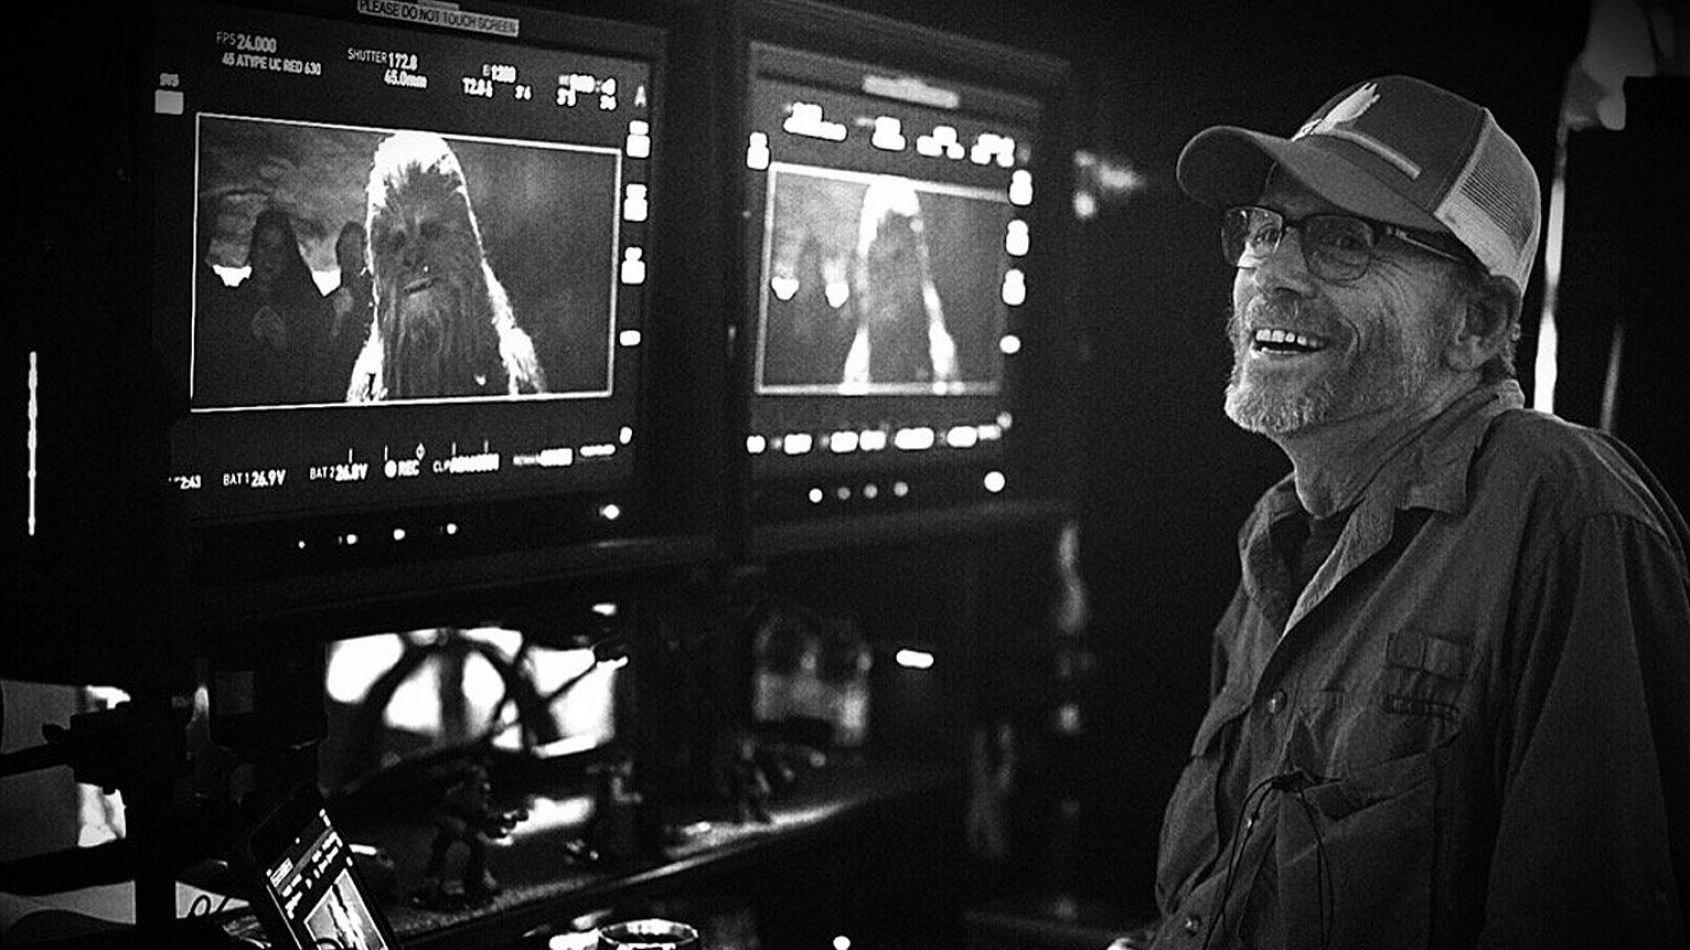 Le tournage de Han Solo est (presque) terminé